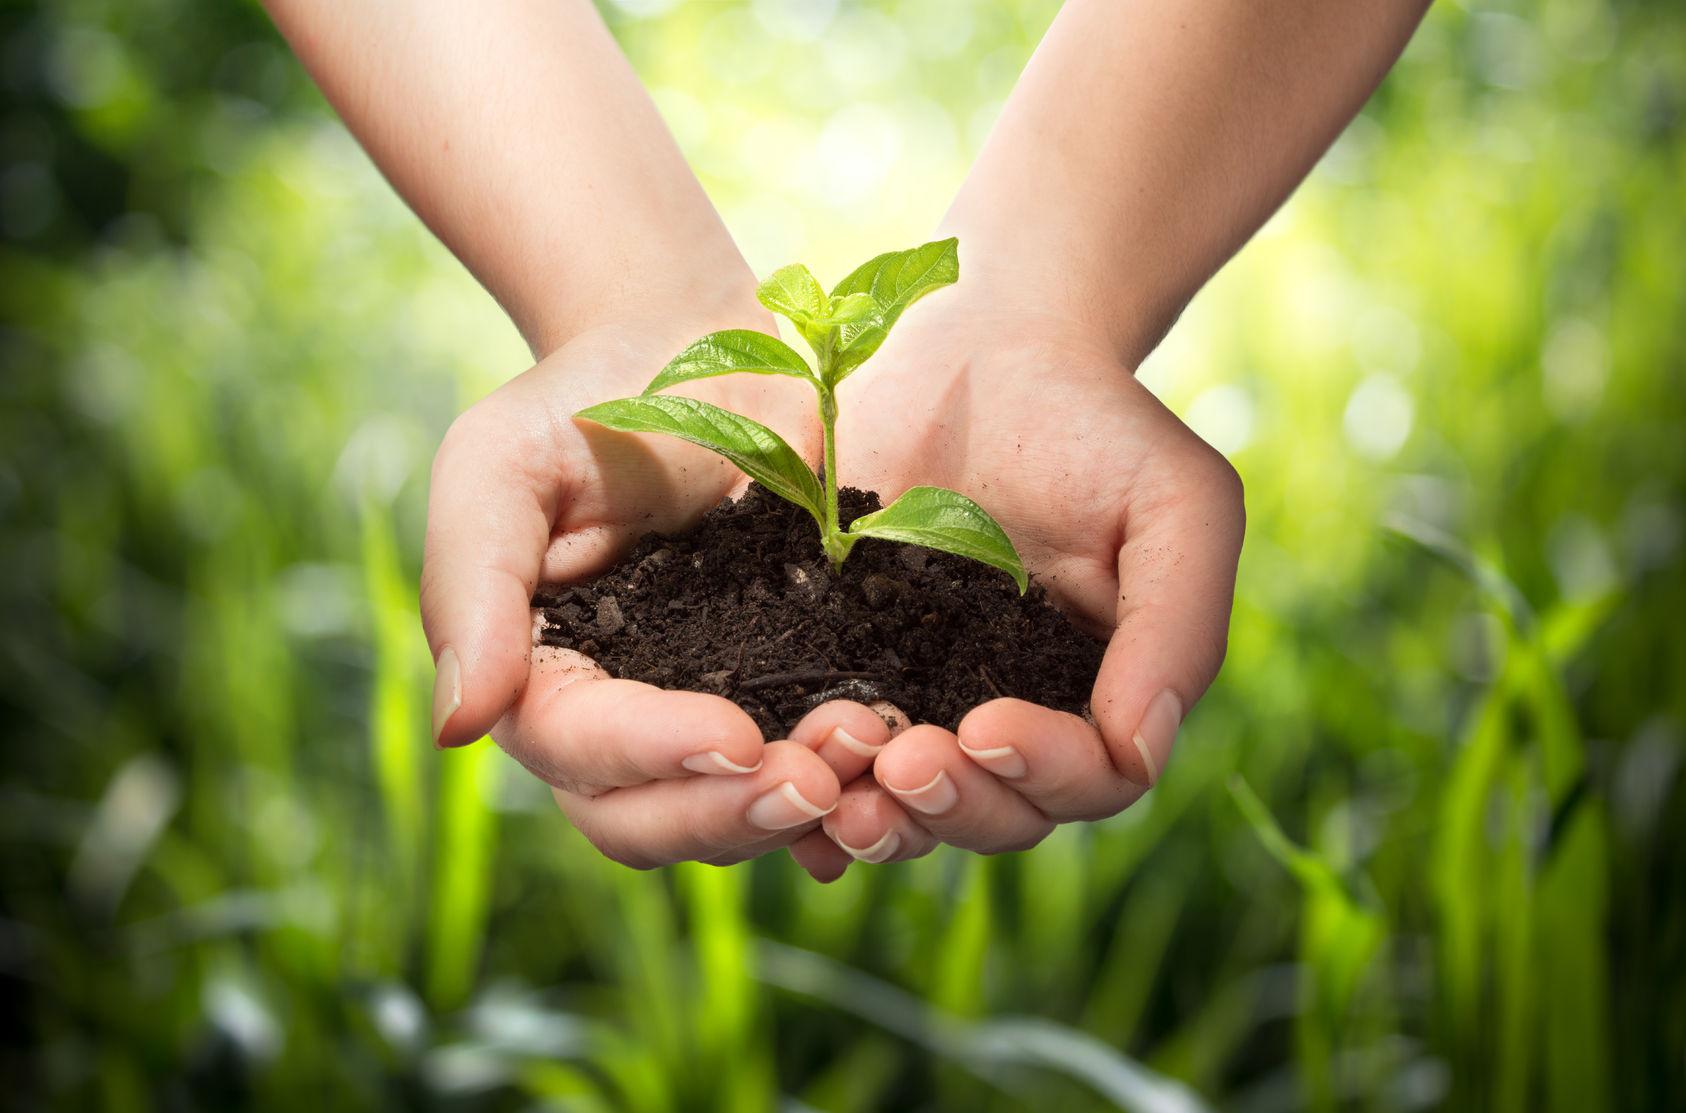 Agrárgazdasági Kamara, termelő, őstermelői, agrár, termékdíj